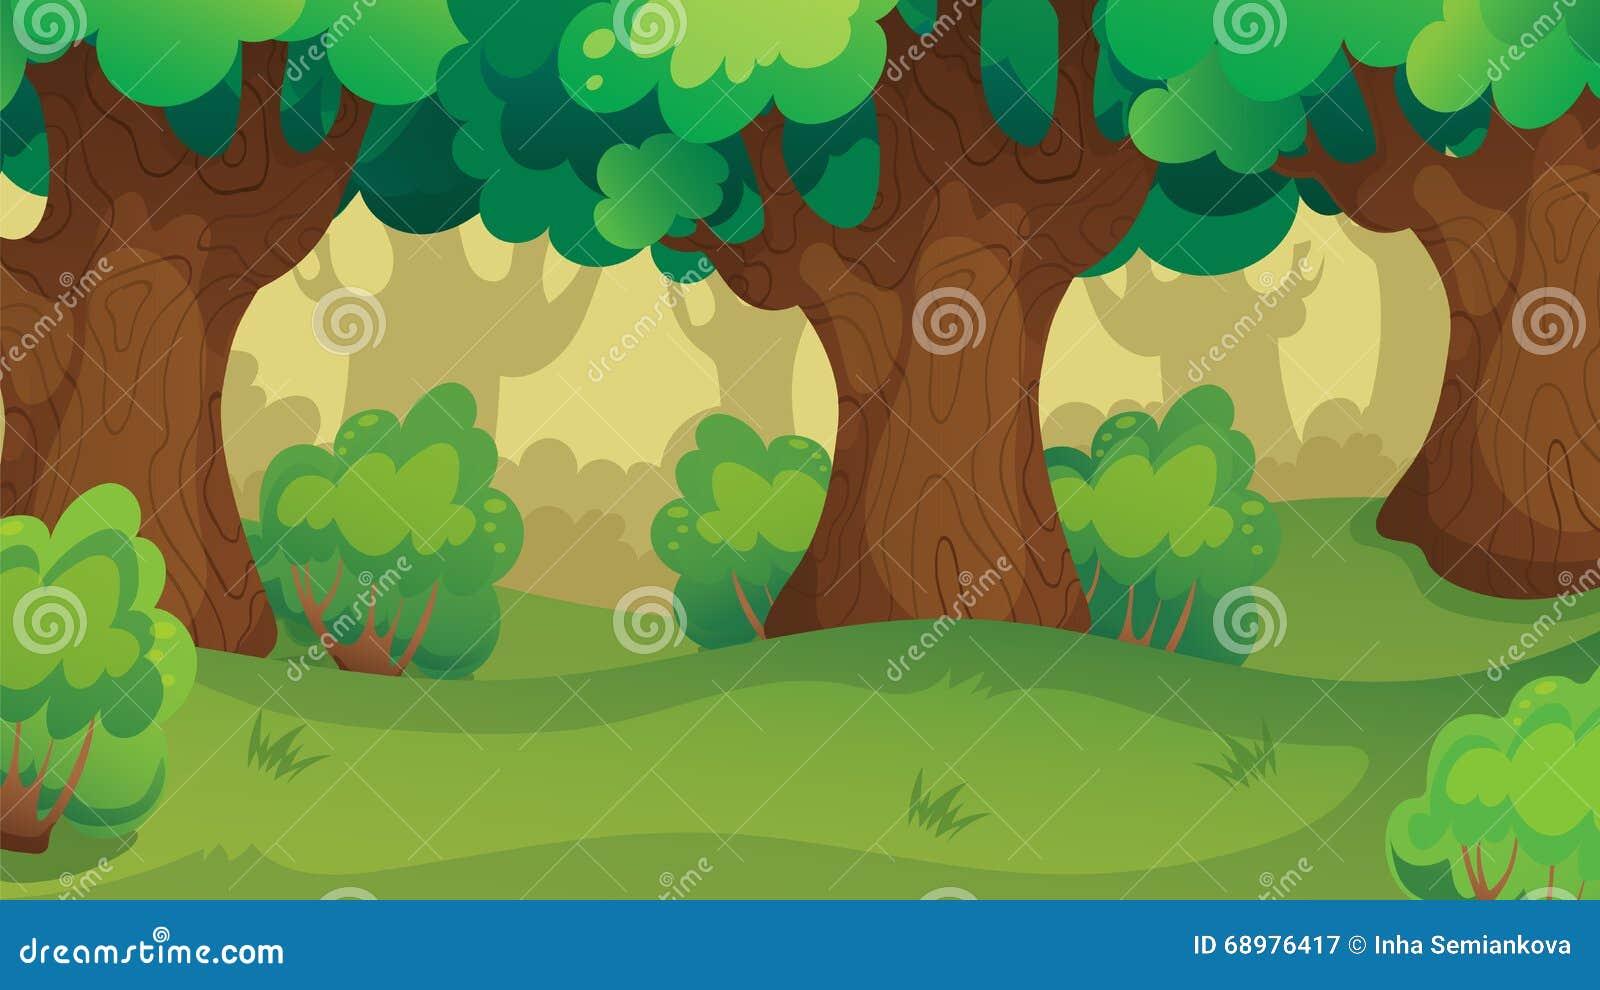 Spel Forest Oakwood Landscape